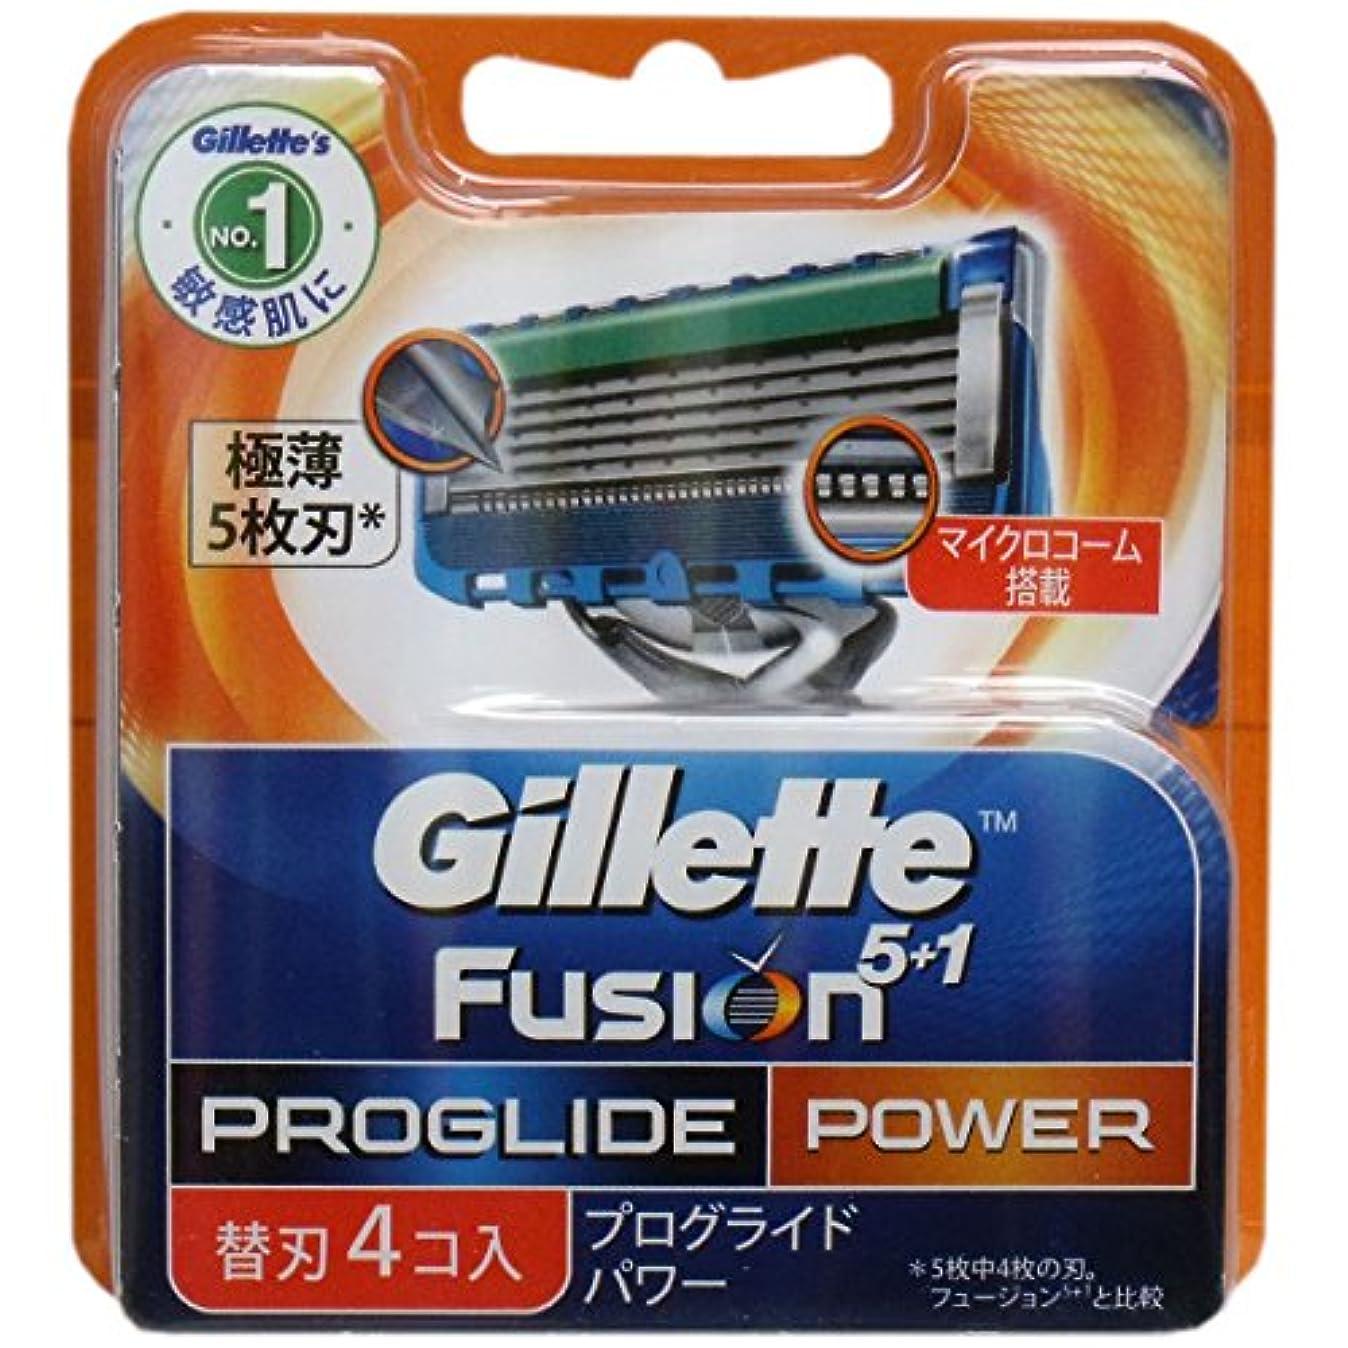 バリケード矛盾する電気のジレット フュージョン プログライド パワー 替刃 4個入(単品)